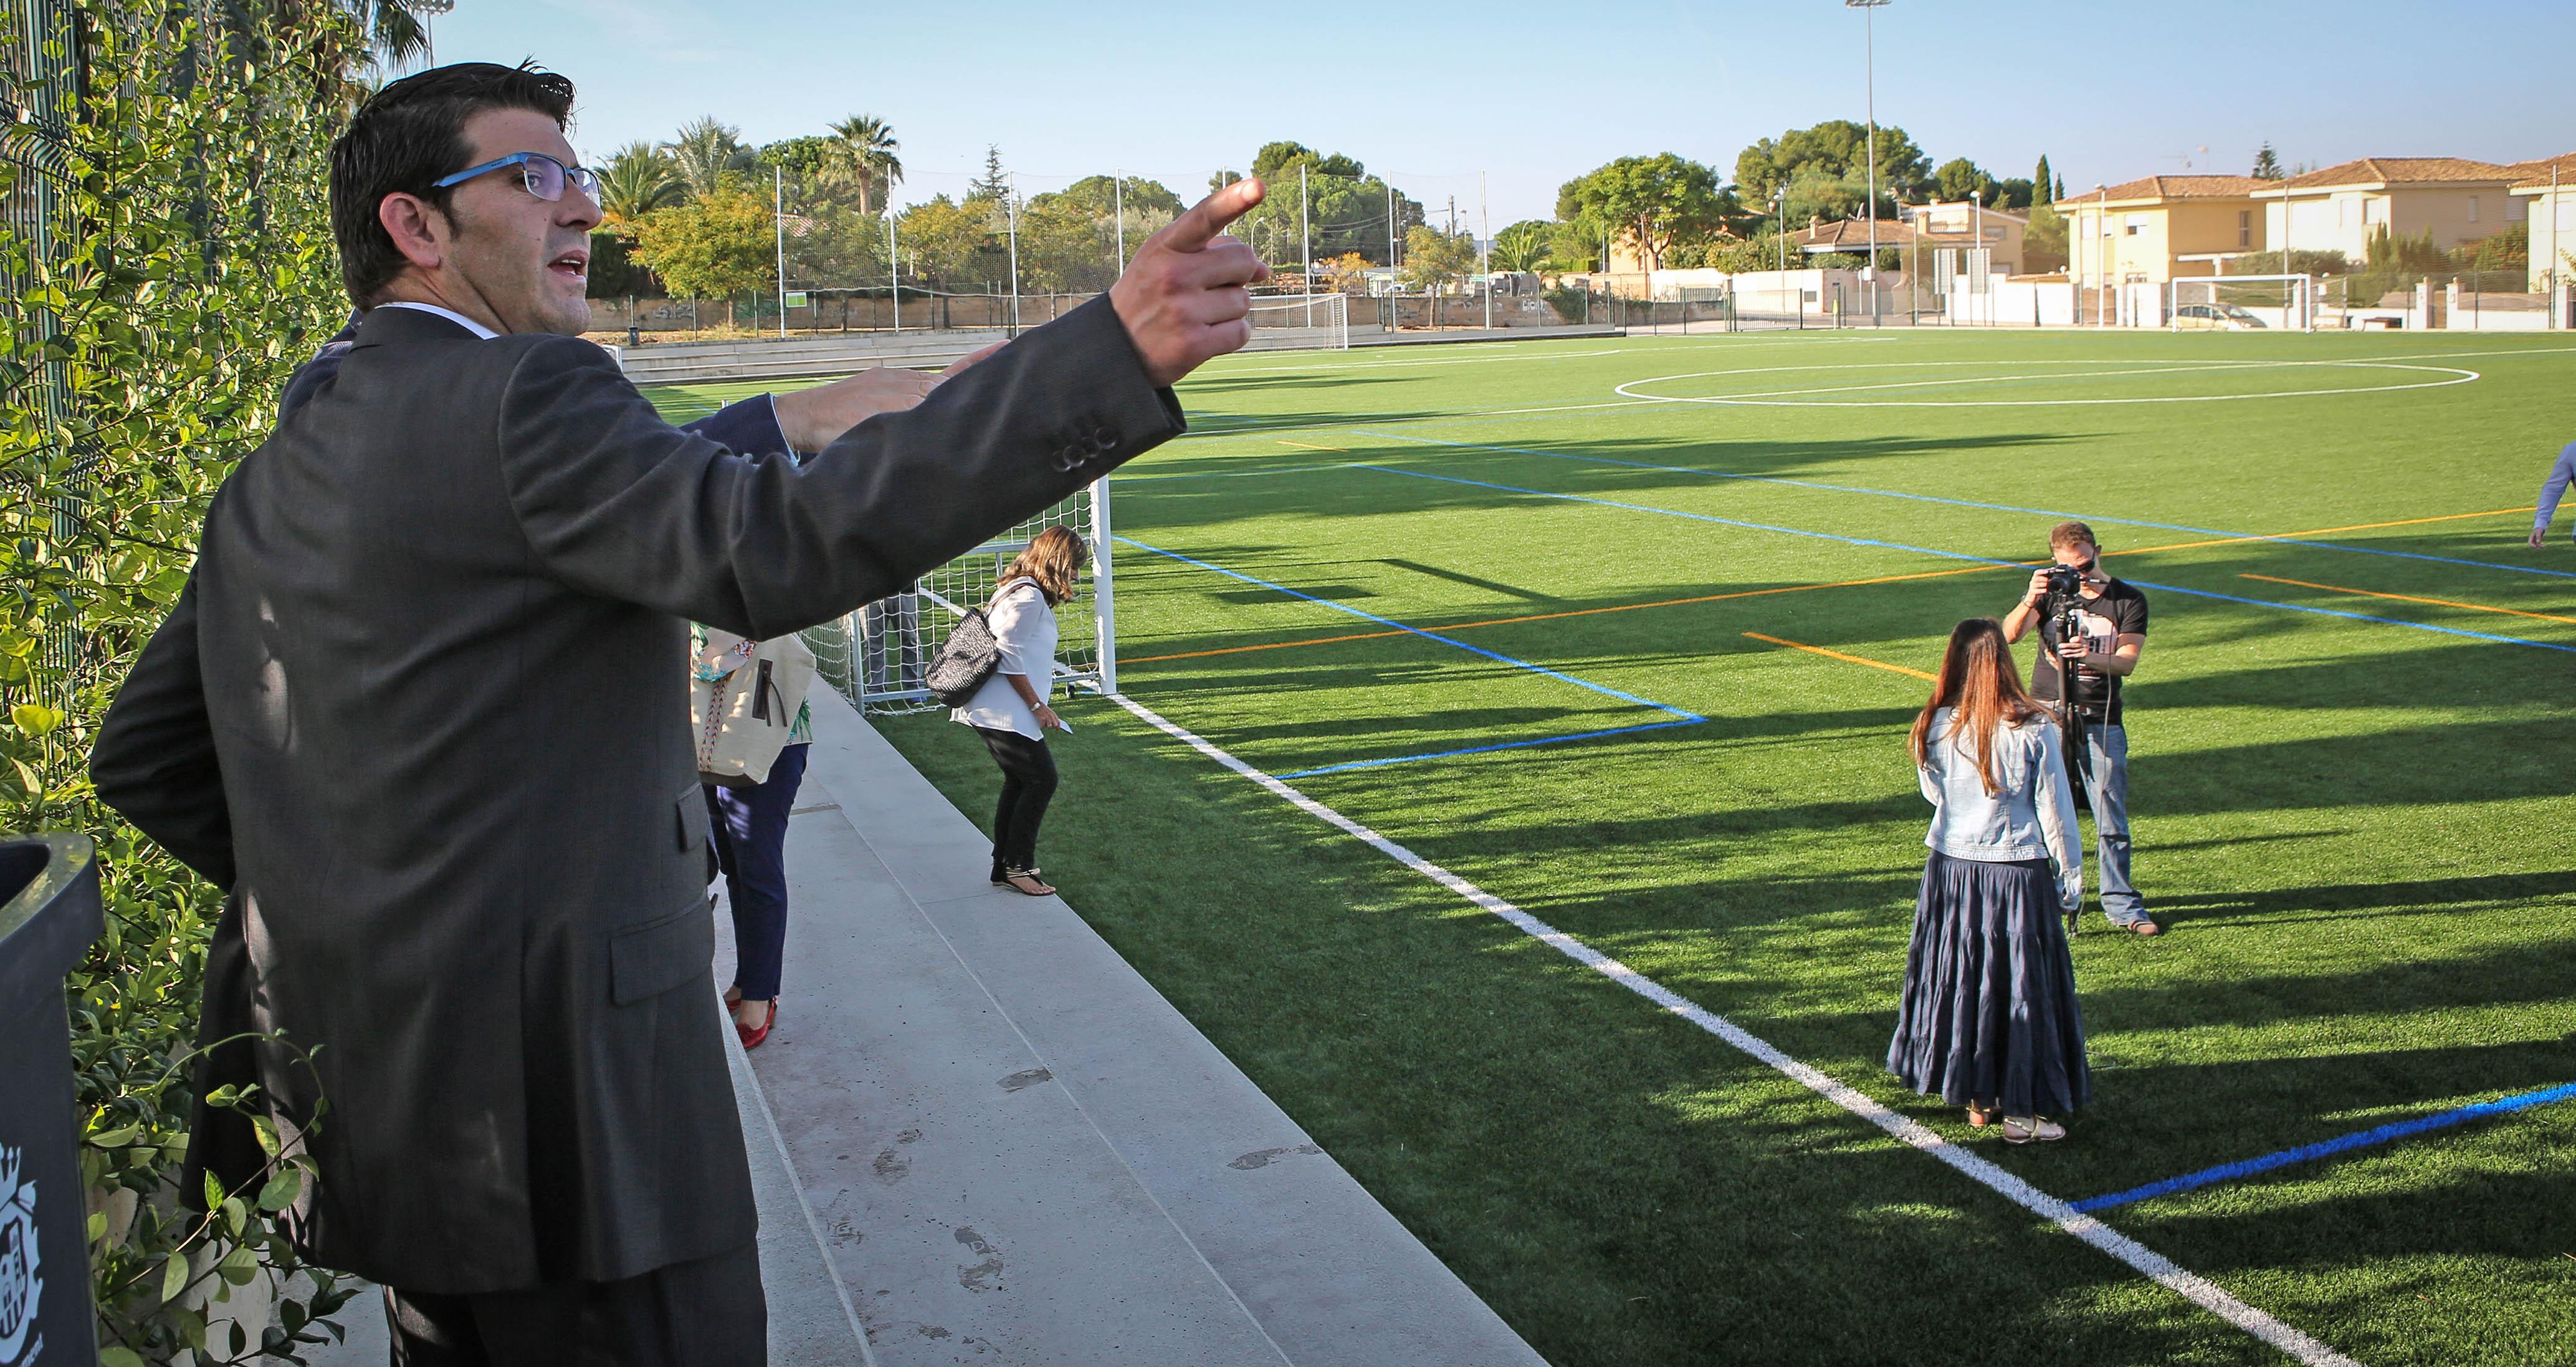 El presidente de la Diputación, Jorge Rodríguez, ante uno de los campos deportivos.